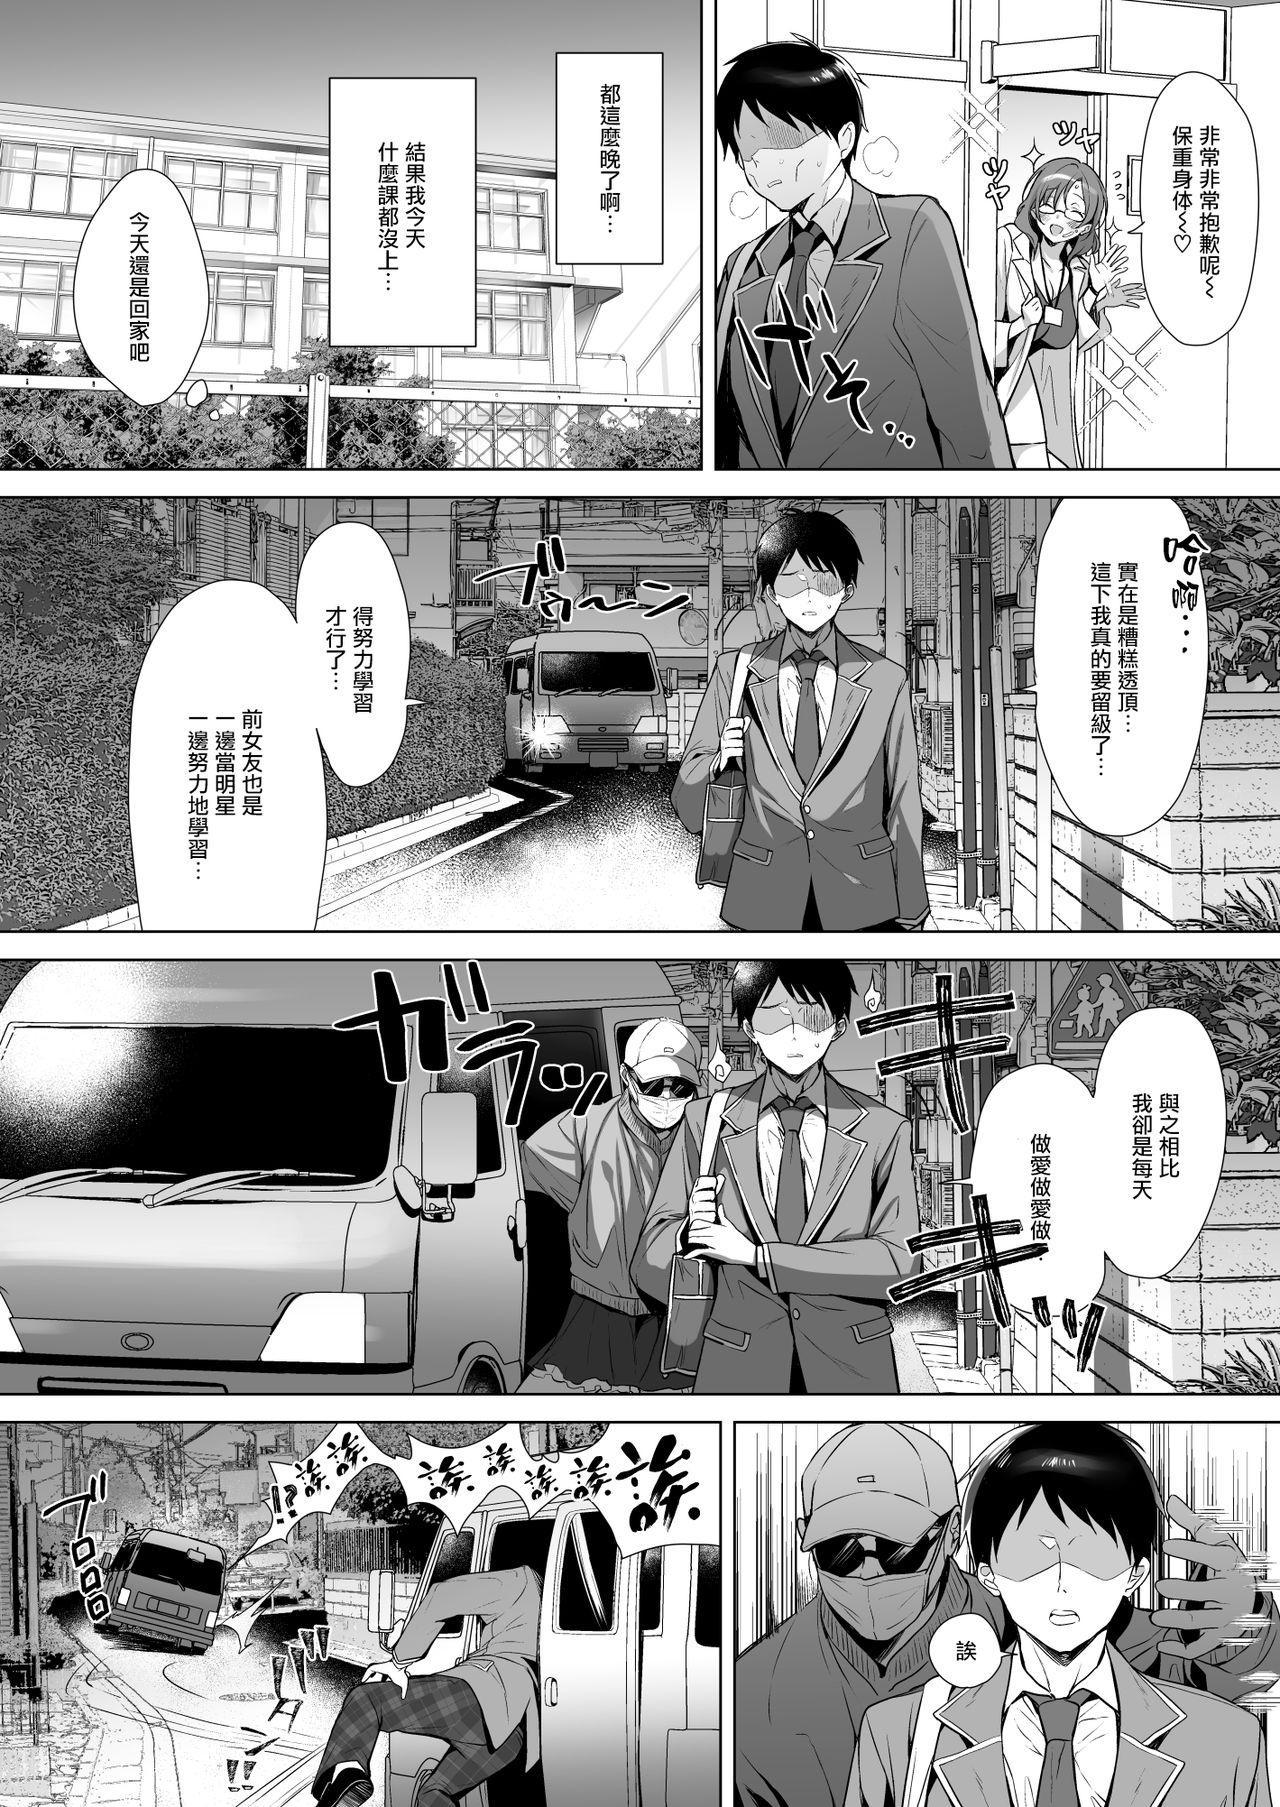 Gyouretsu no Dekiru Chinpo 22